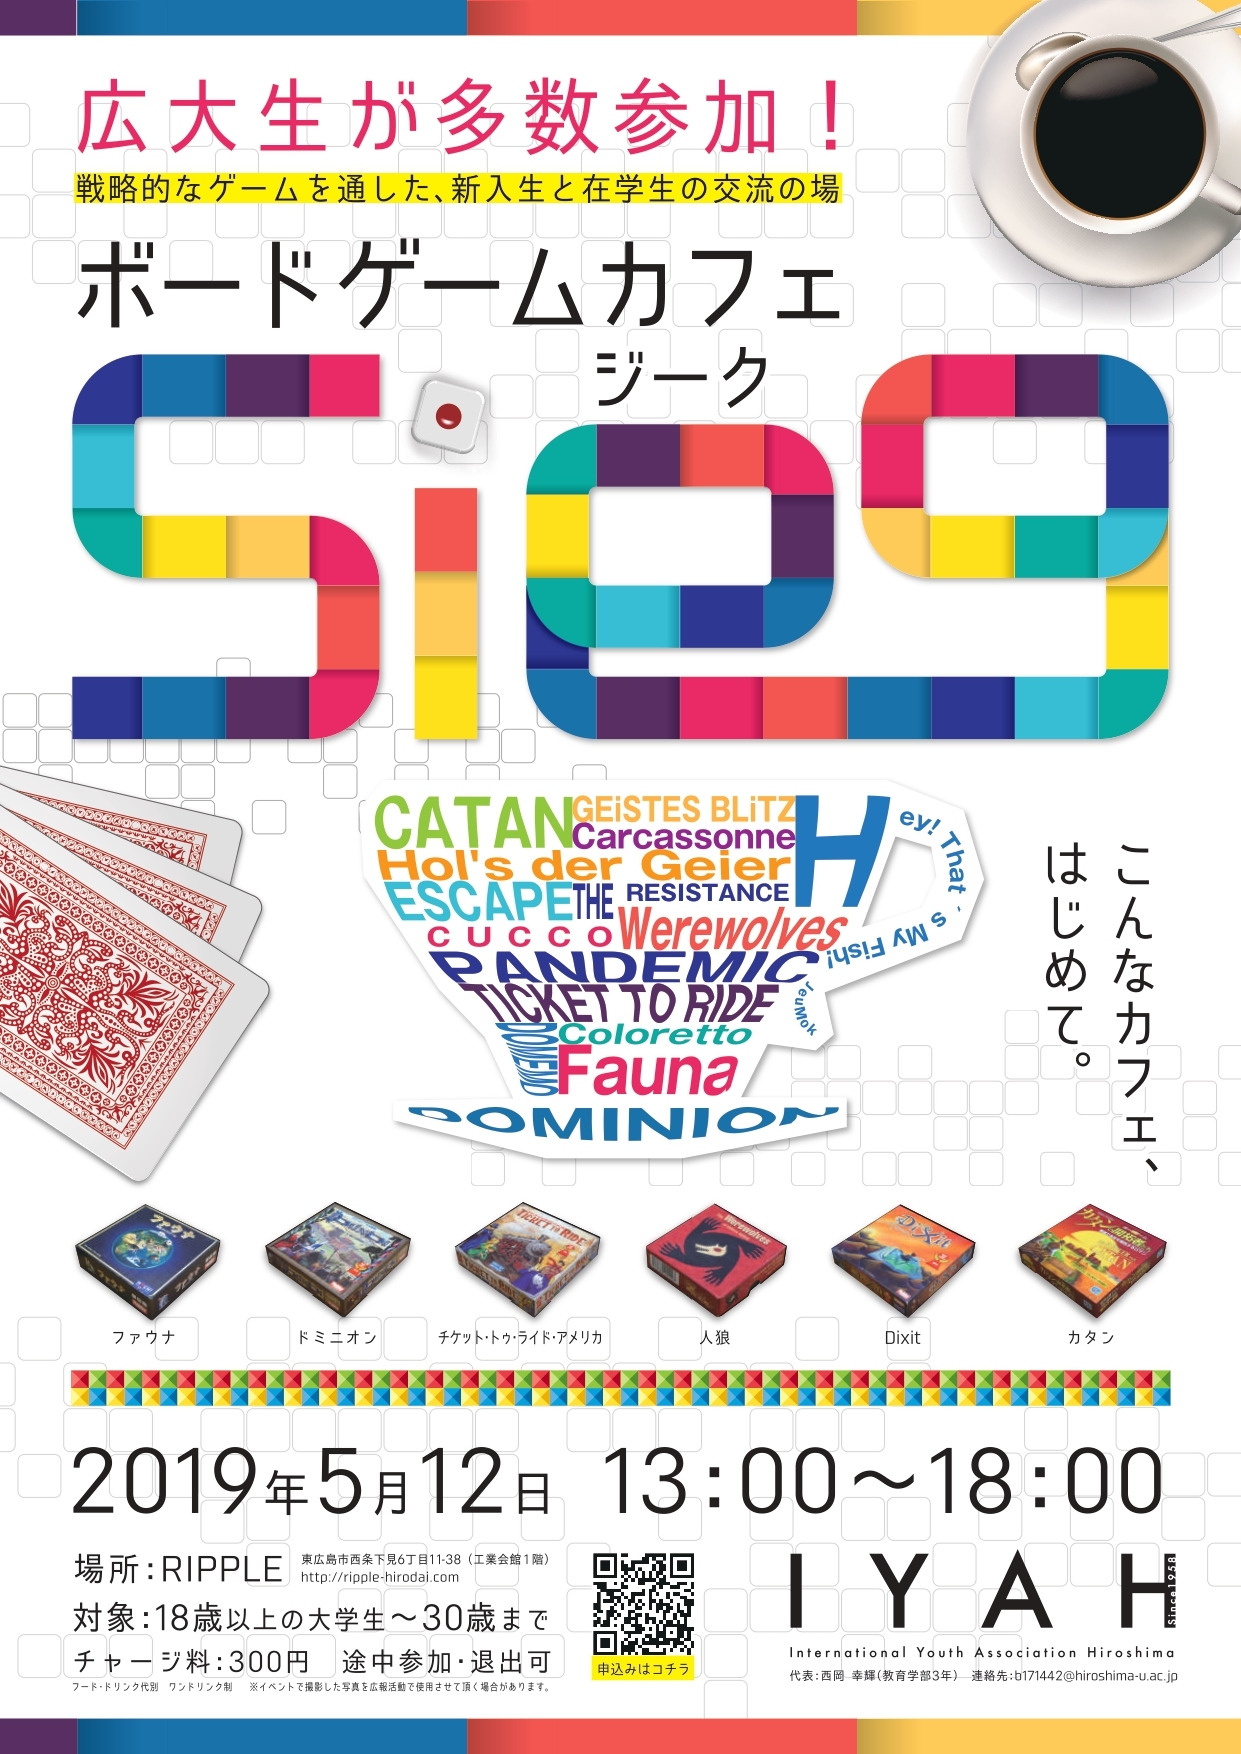 20190512_ボードゲームカフェチラシ【軽量版】_page-0001.jpg